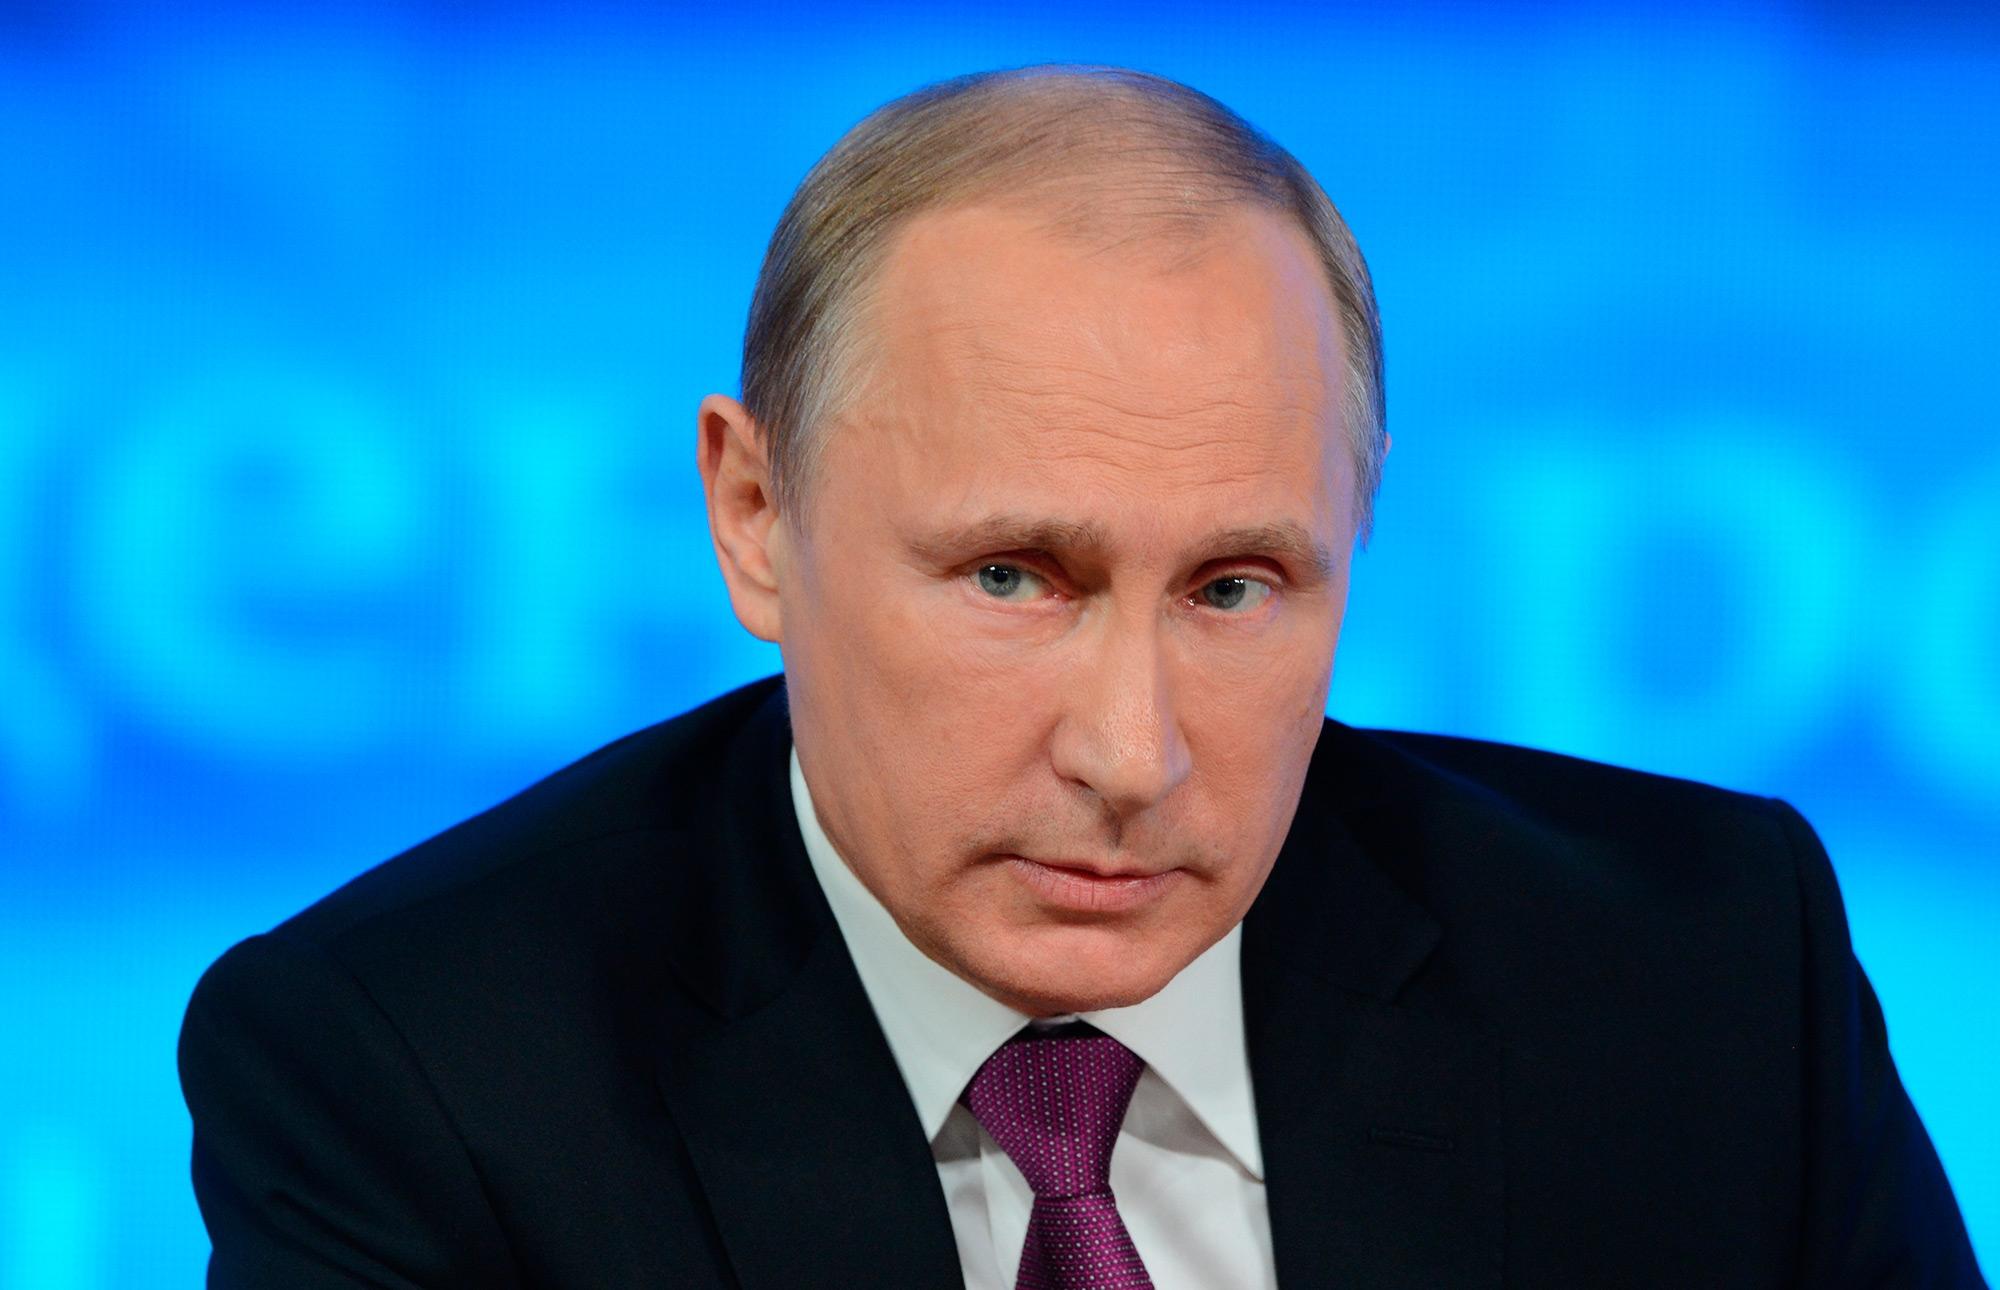 В ЦИК рассказали, сколько процентов голосов на данный момент получил Владимир Путин